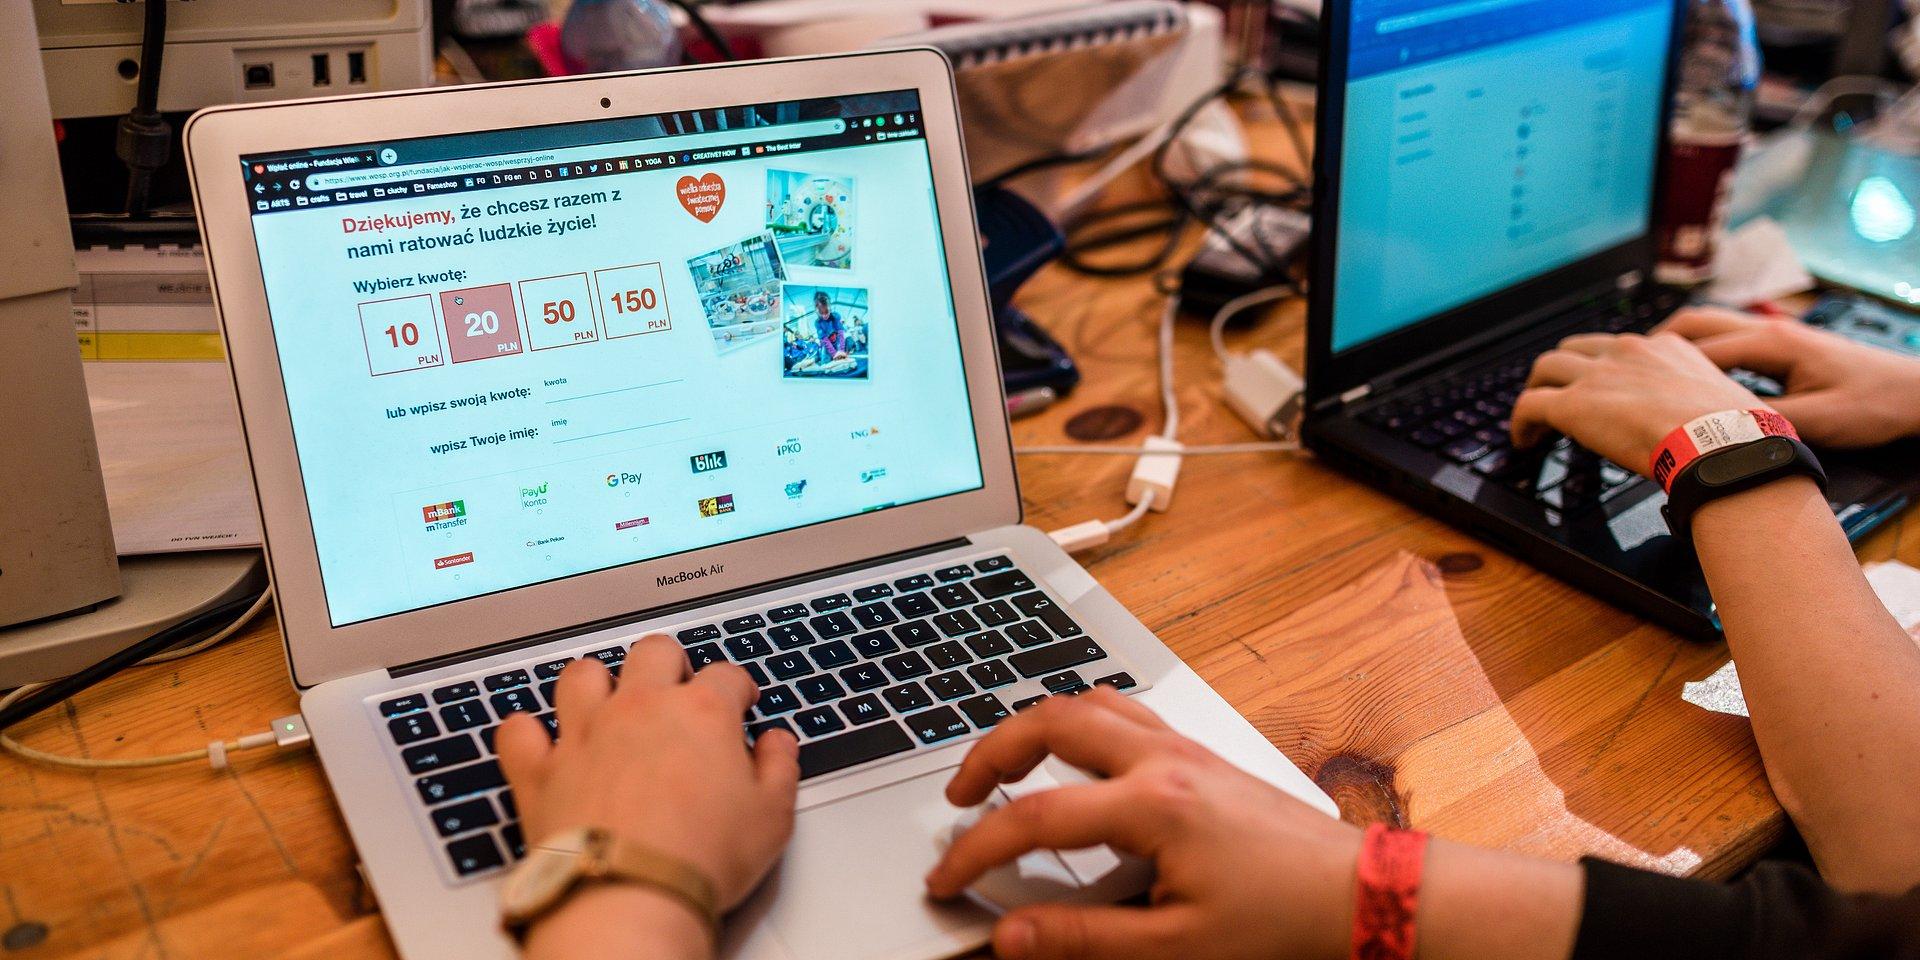 Wystartowały wirtualne zbiórki na rzecz 28. Finału WOŚP